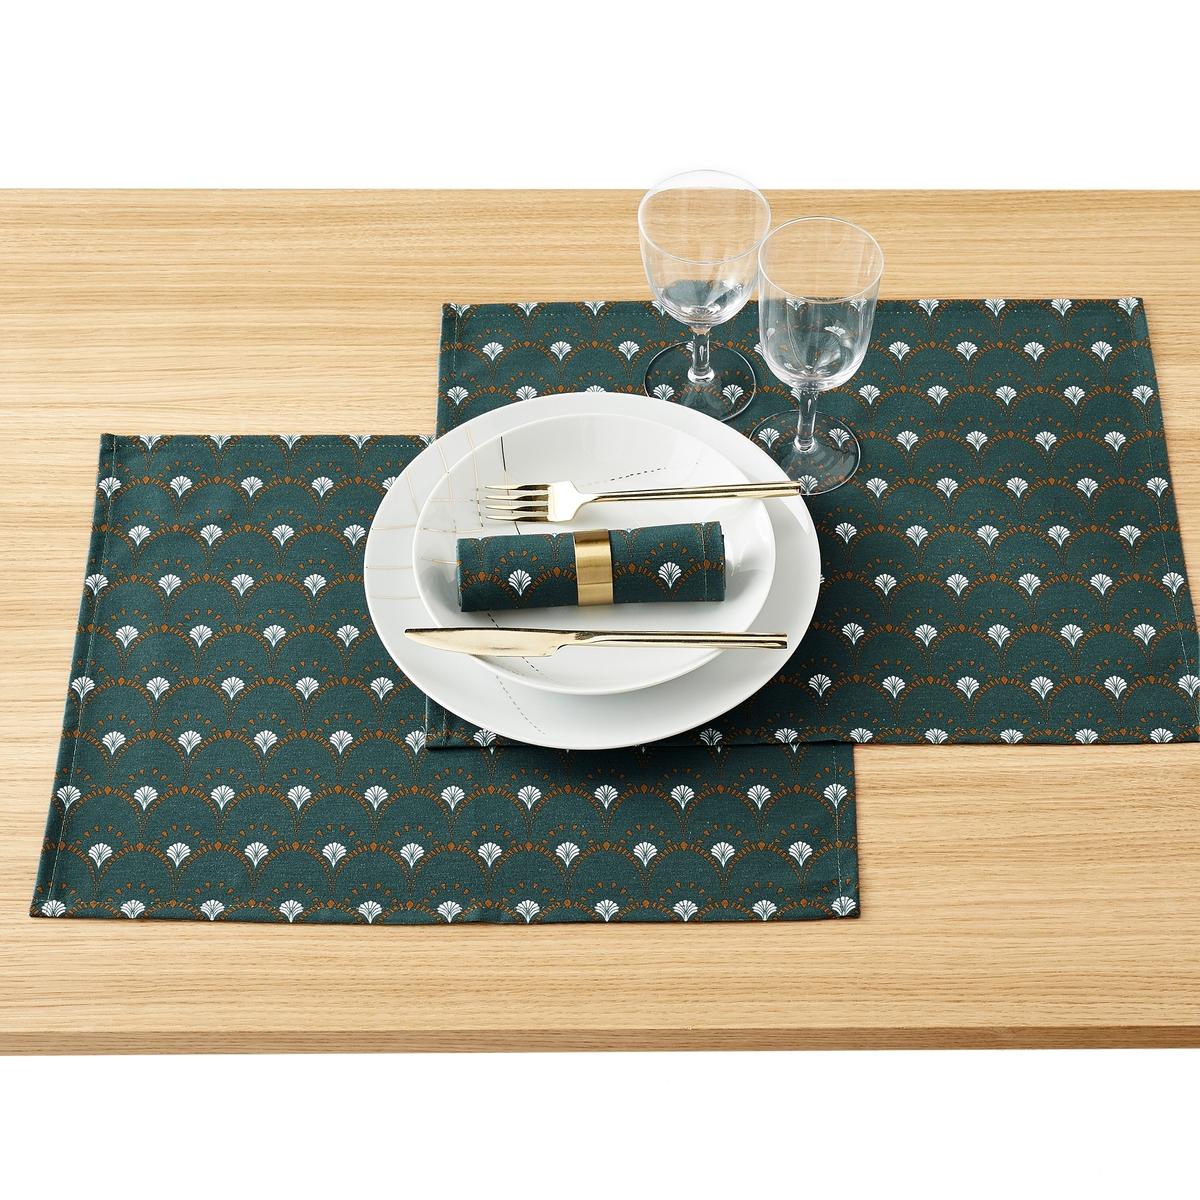 купить Комплект из салфеток под приборы La Redoute Mina vert единый размер зеленый дешево